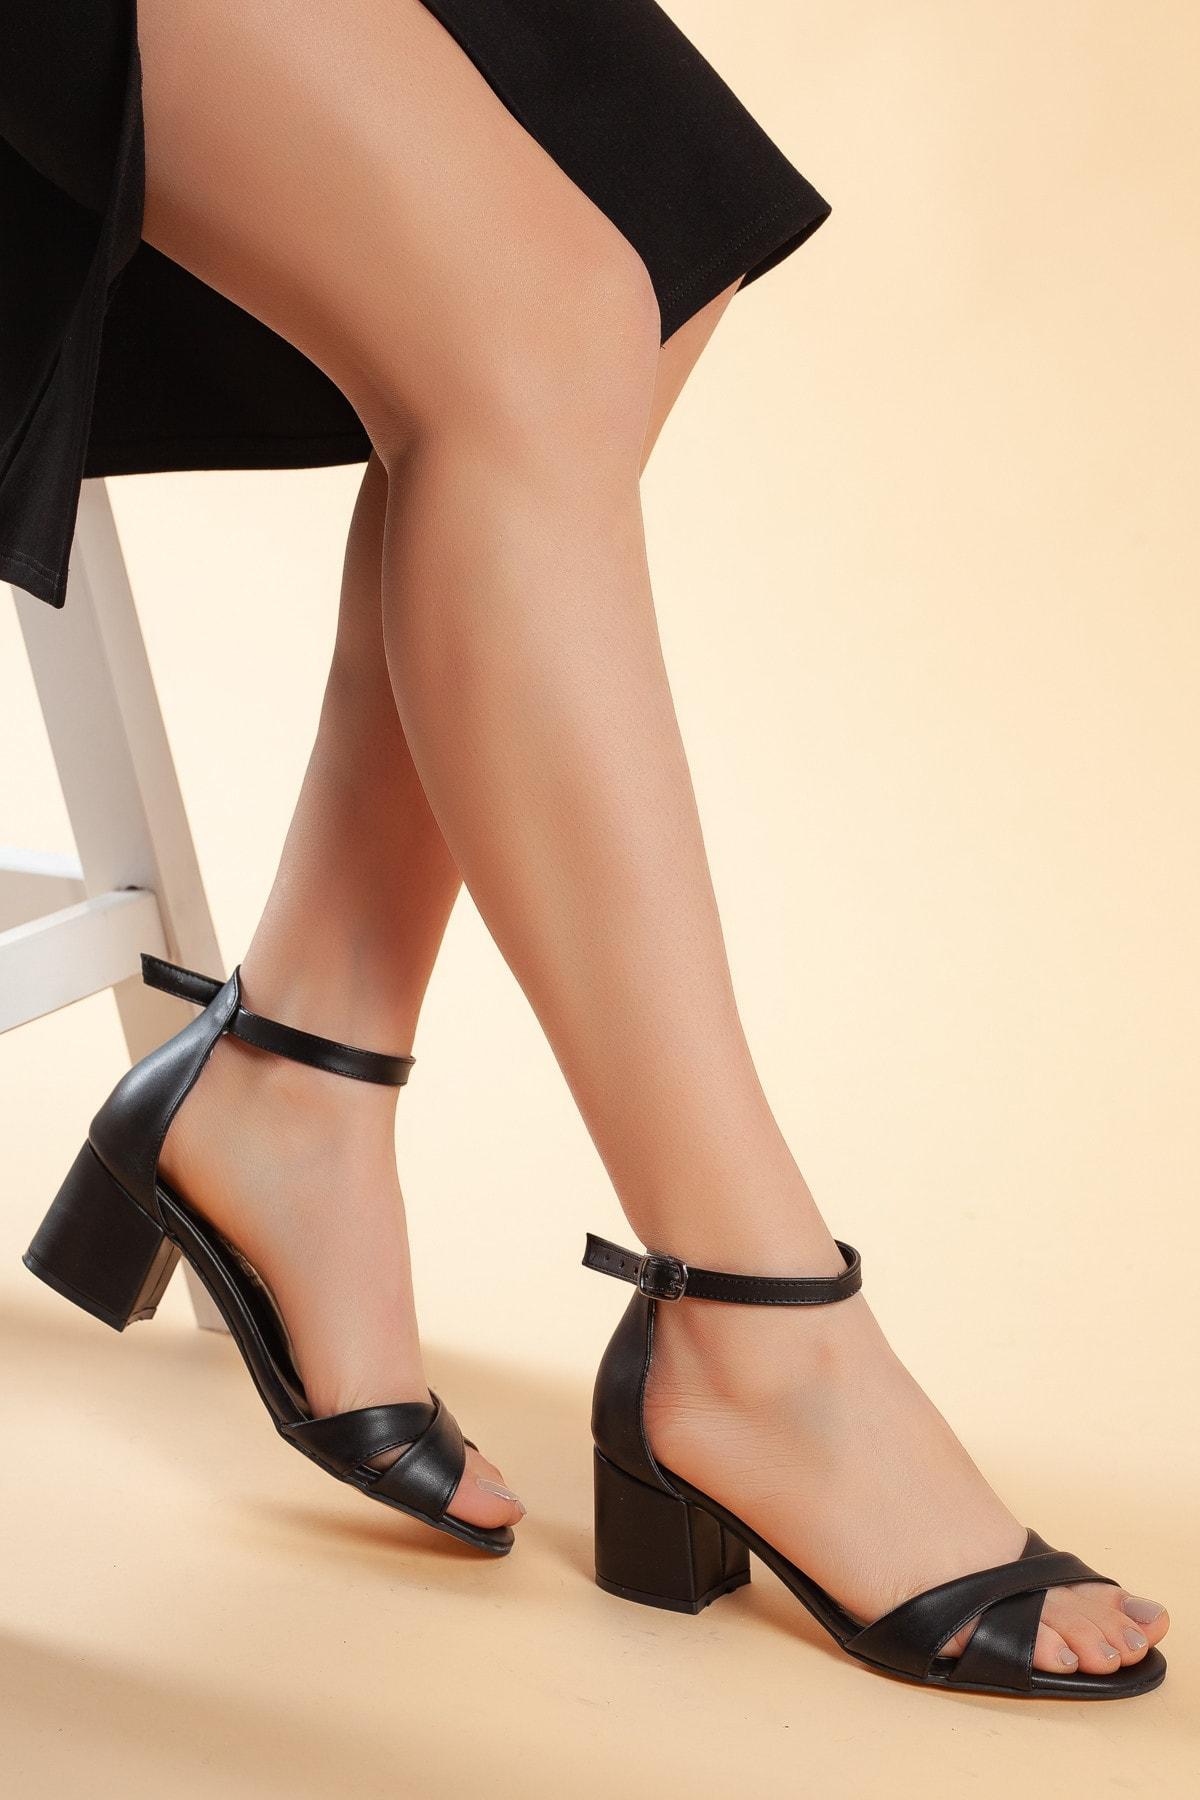 Daxtors Siyah Kadın Ayakkabı DXTRFLRN204 0